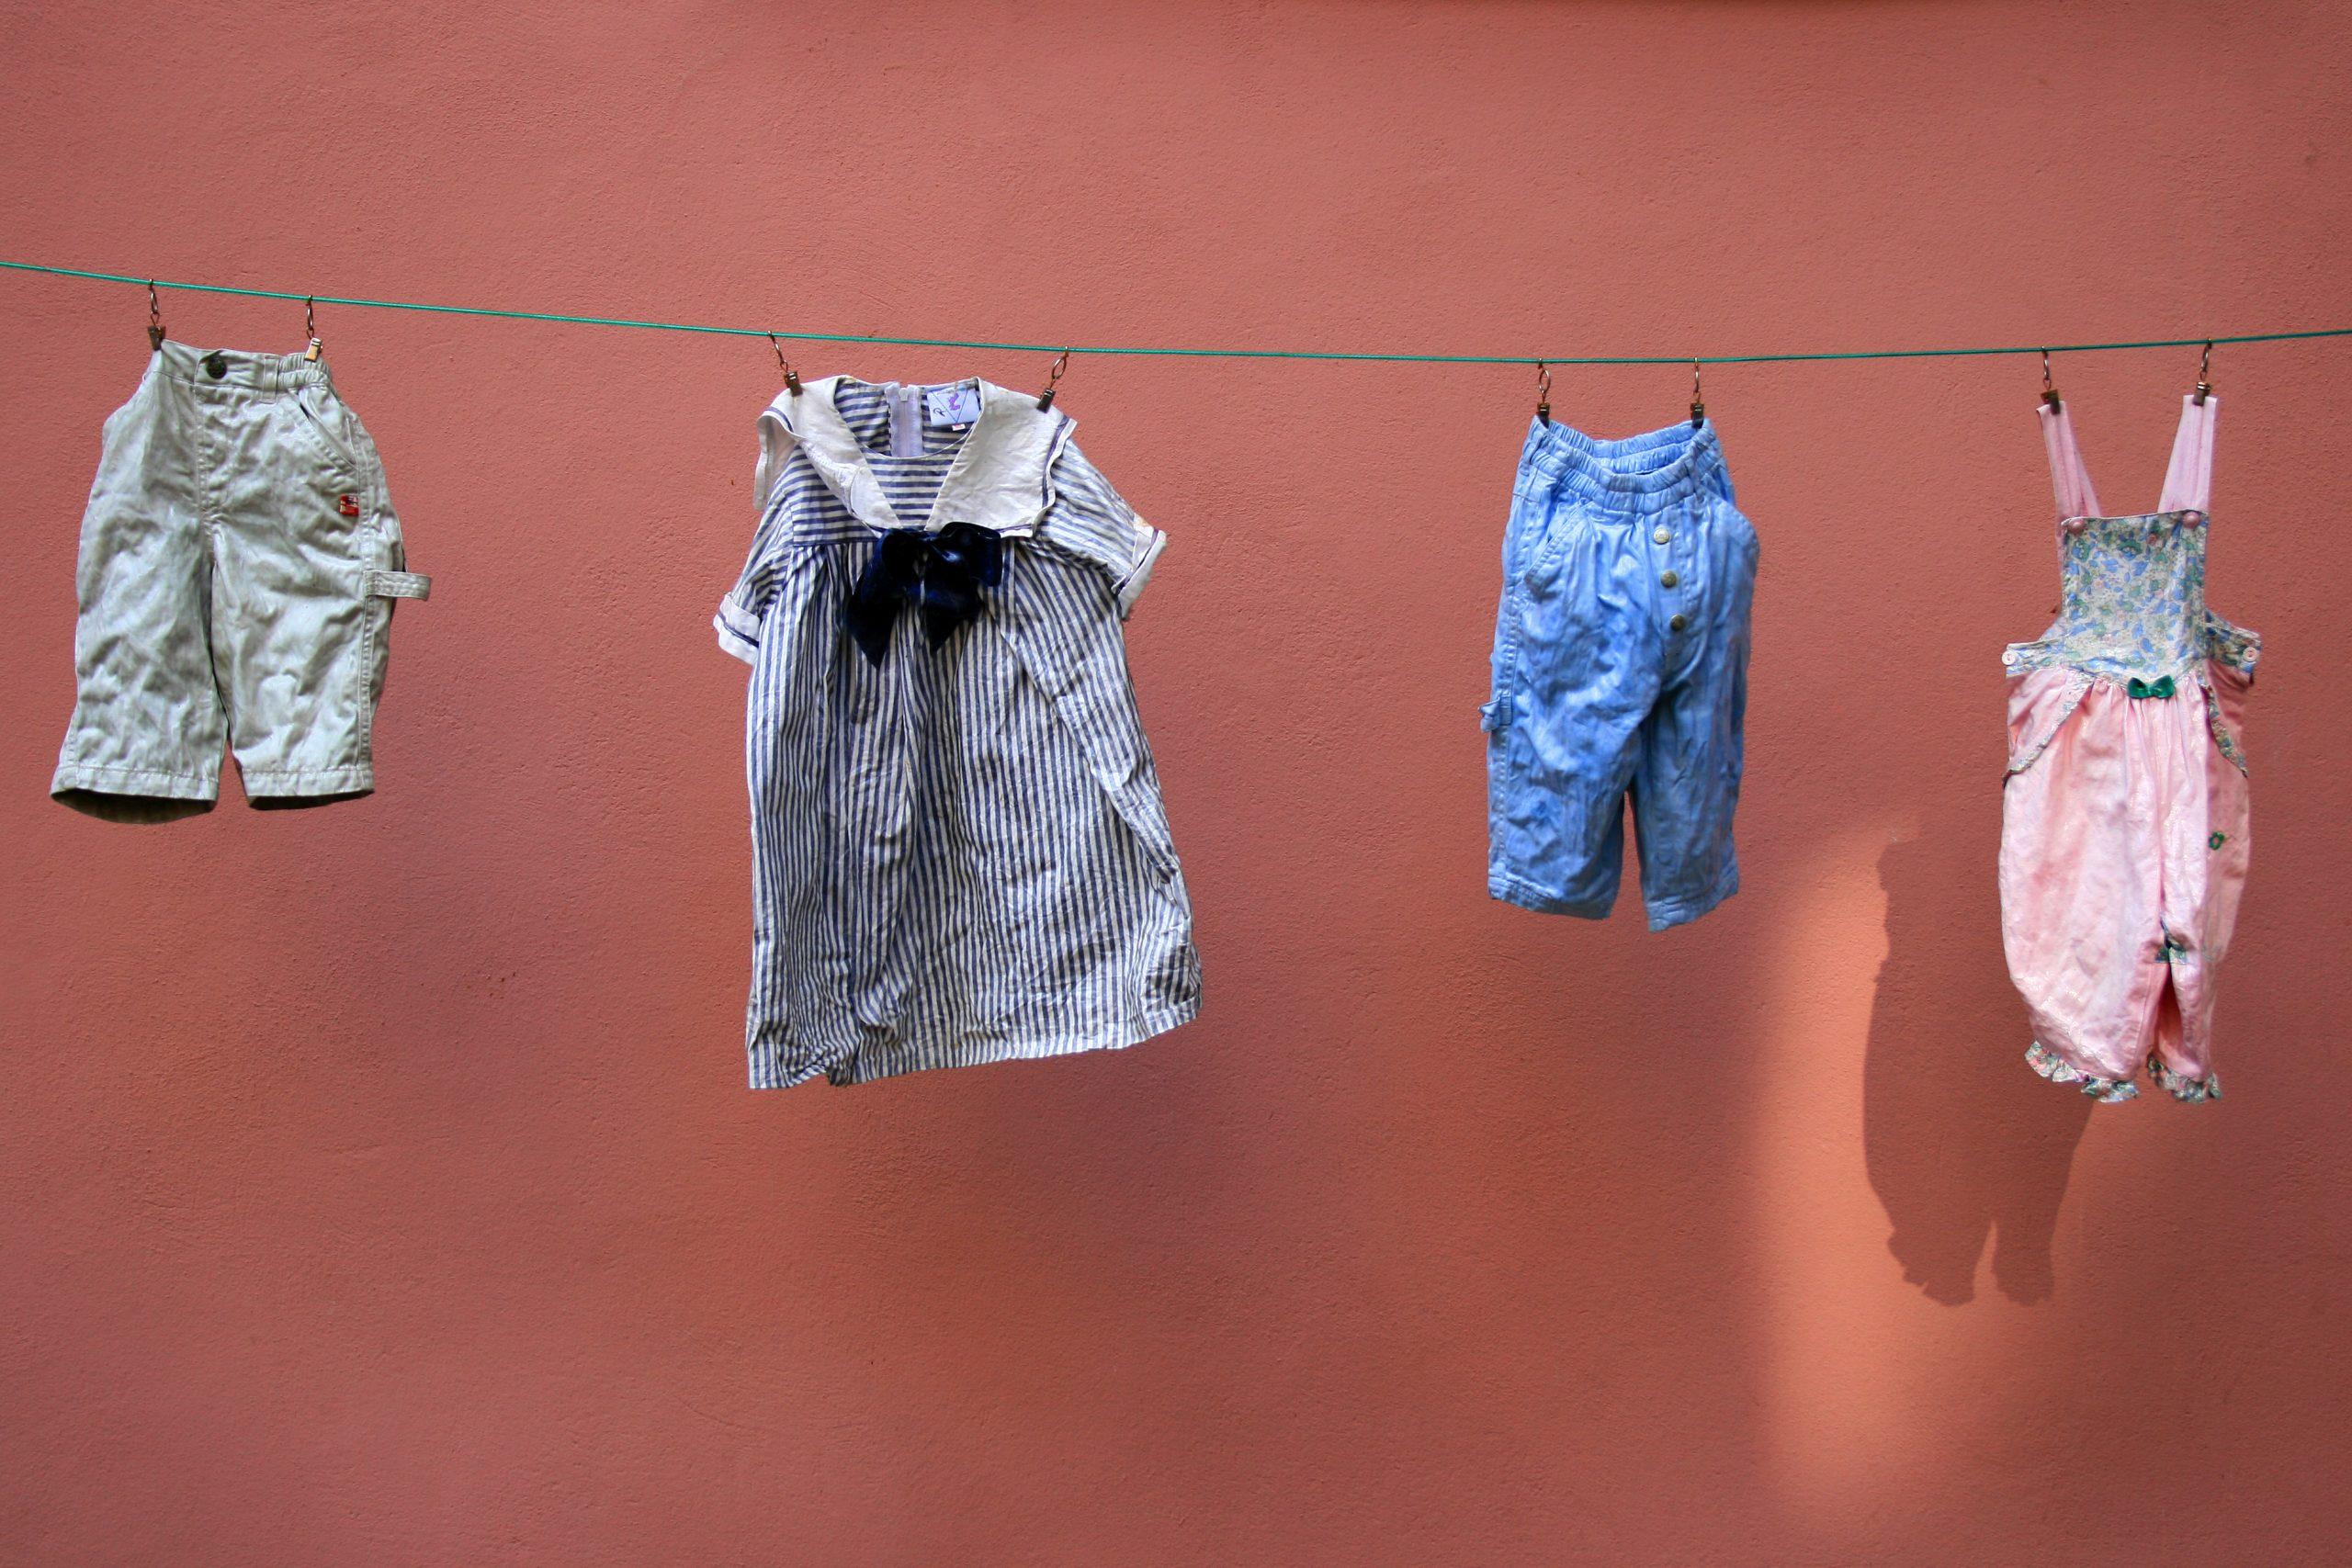 Fille Ou Garçon: Les Mamans Nous Disent Qui Coûte Le Plus avec Jeux De Vetement Pour Garçon